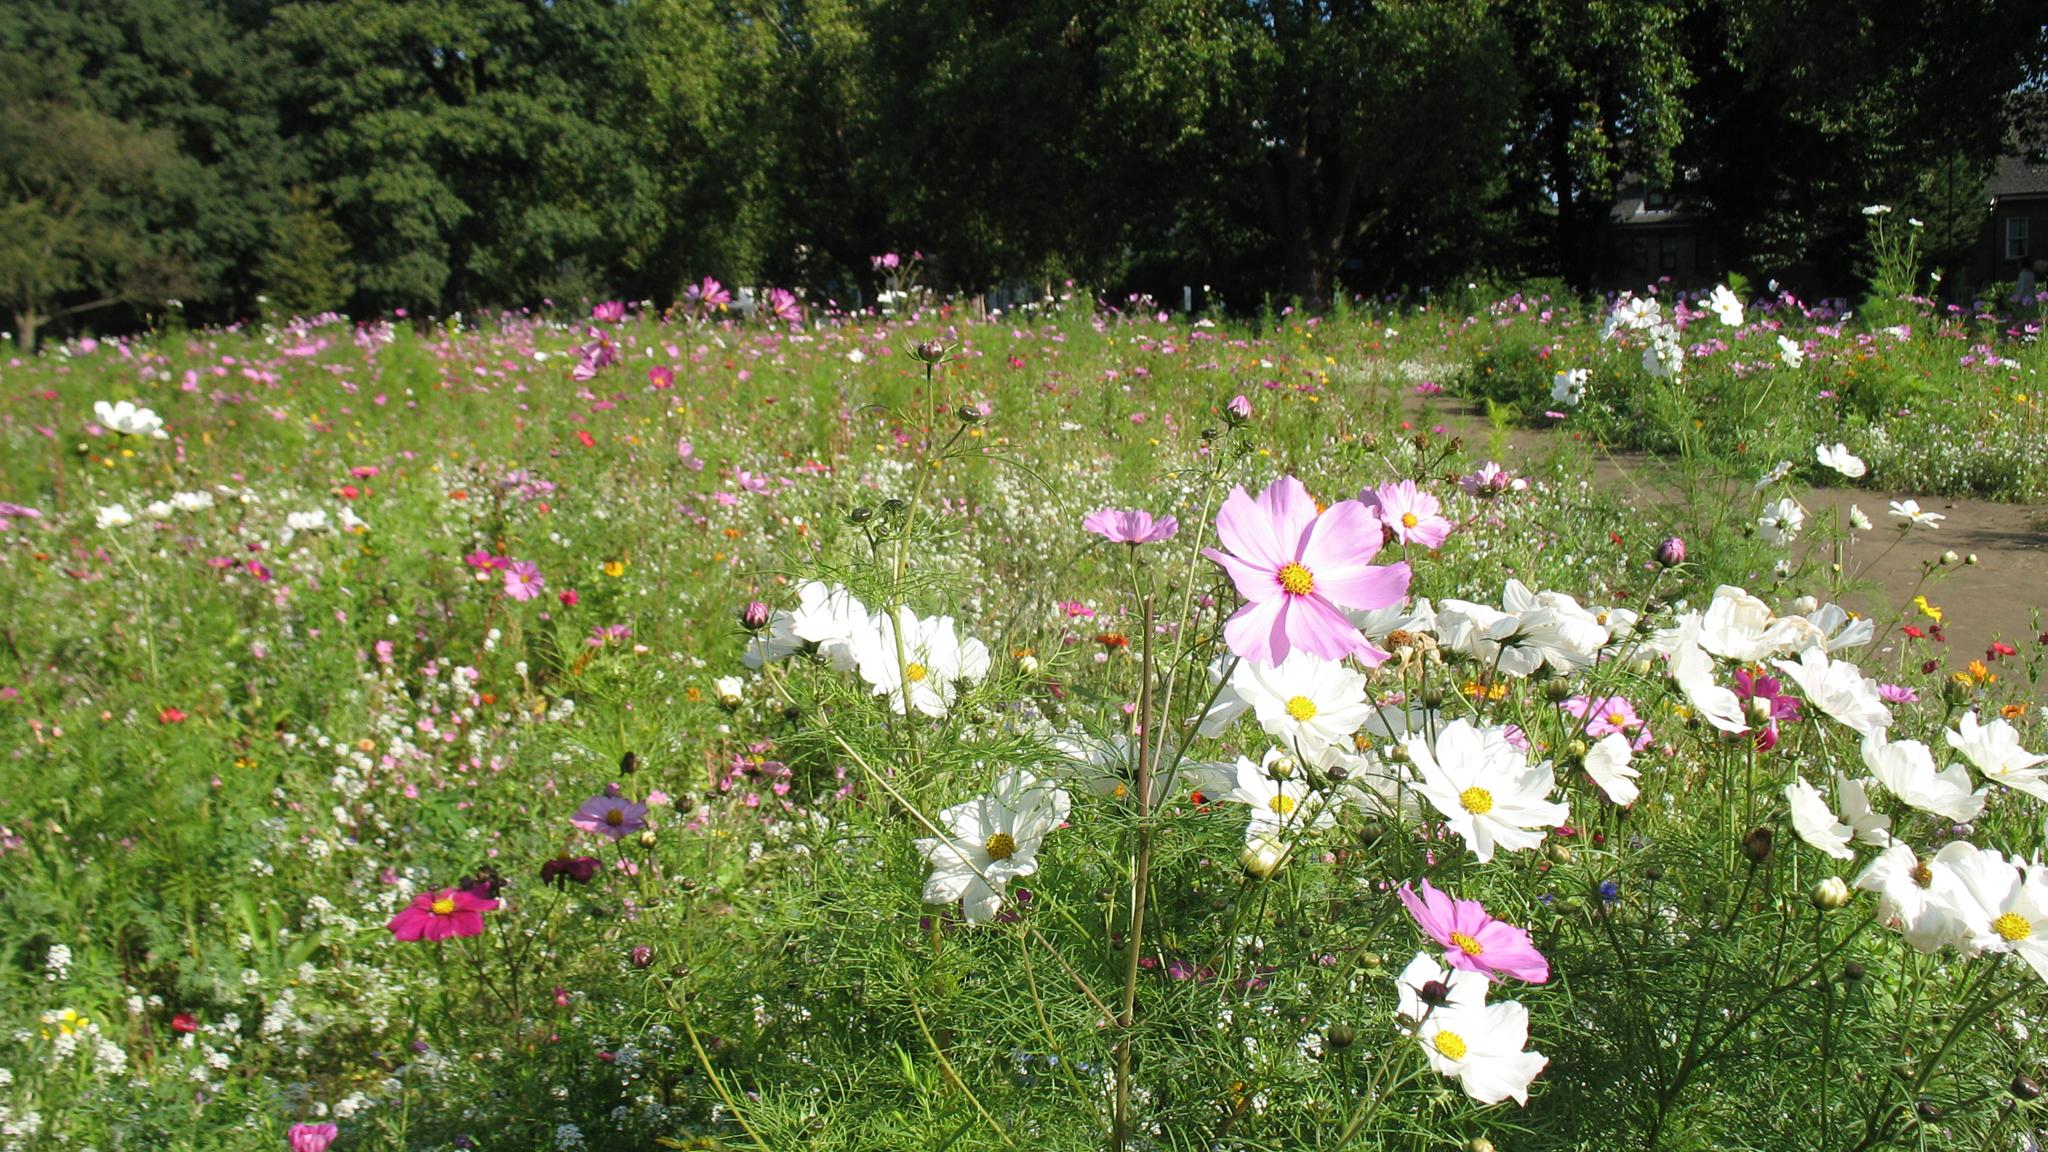 A wildflower meadow in London Fields